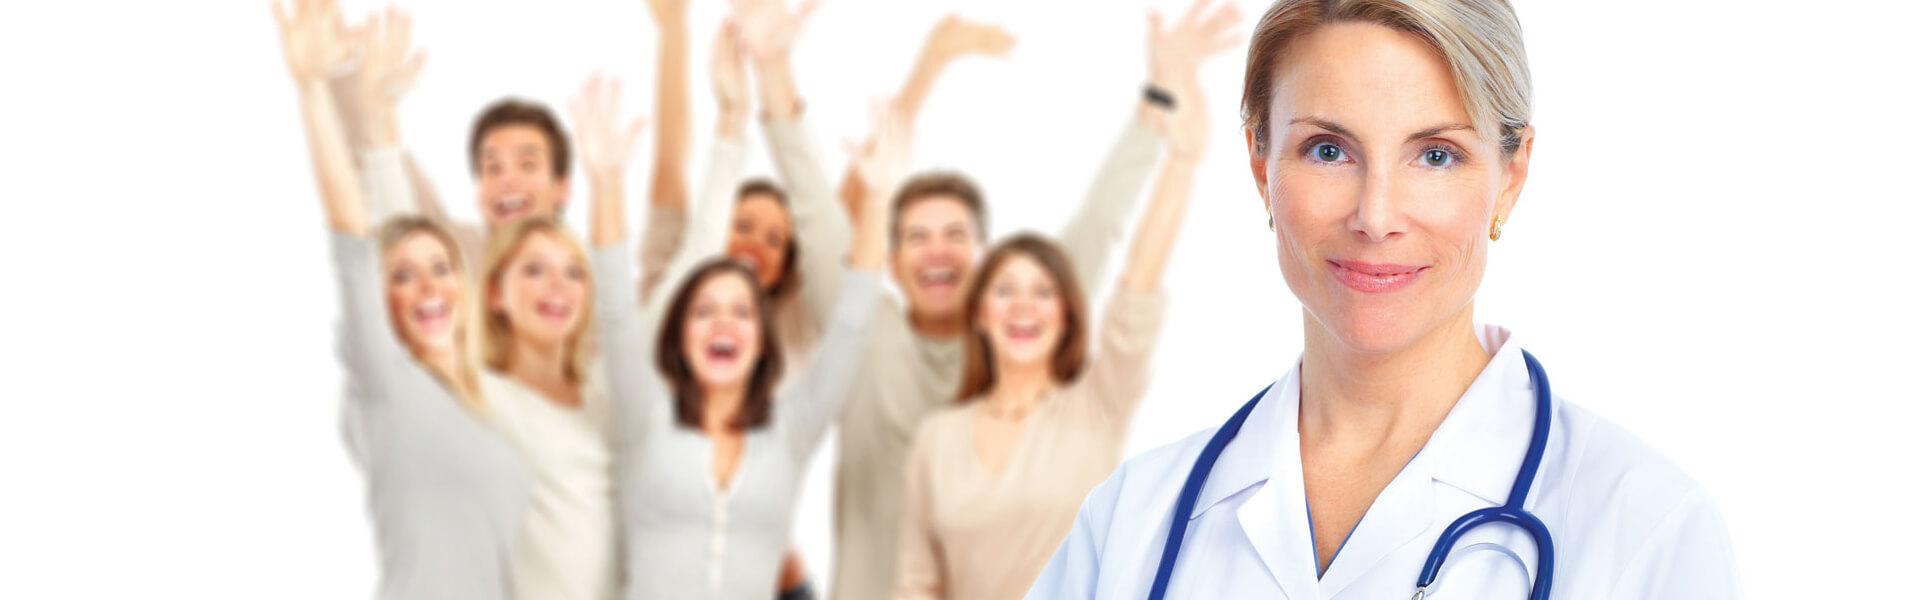 Отзывы о клиниках ЭКО